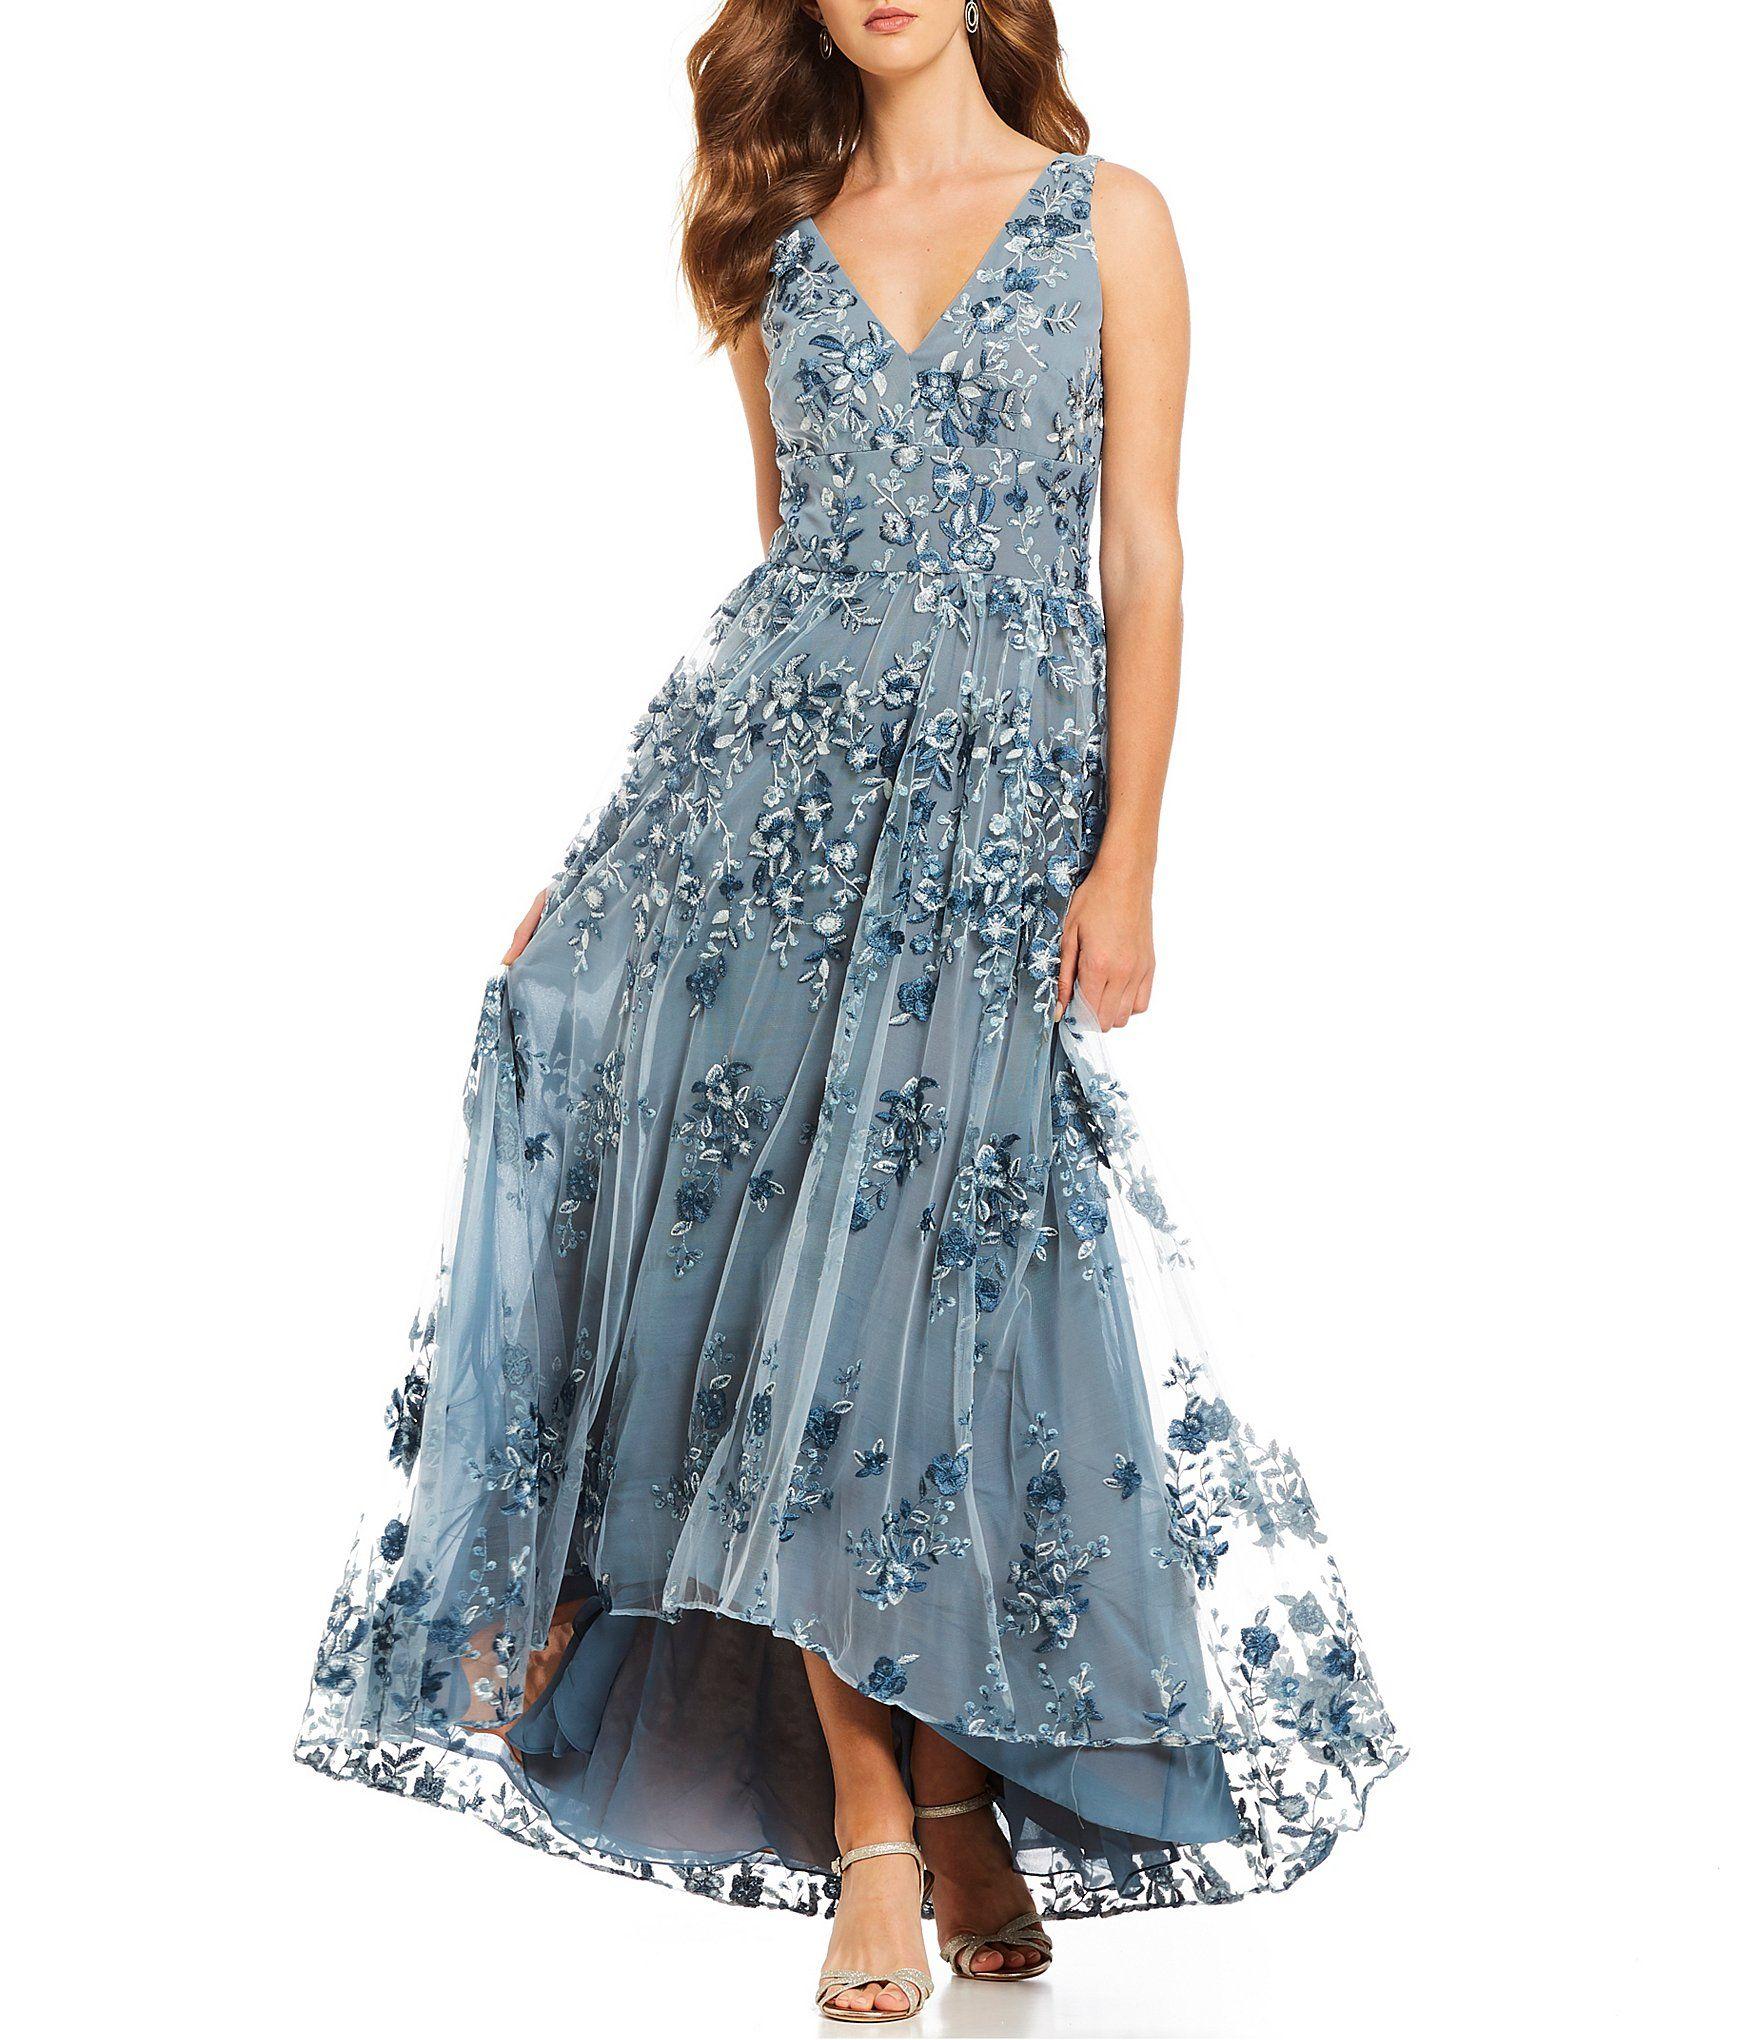 Shop For David Meister 3 D Fleurette V Neck Hi Lo Gown At Dillards Com Visit Dillards Com T Formal Dresses For Women Women Wedding Guest Dresses Gowns Dresses,Short Royal Blue Dress For Wedding